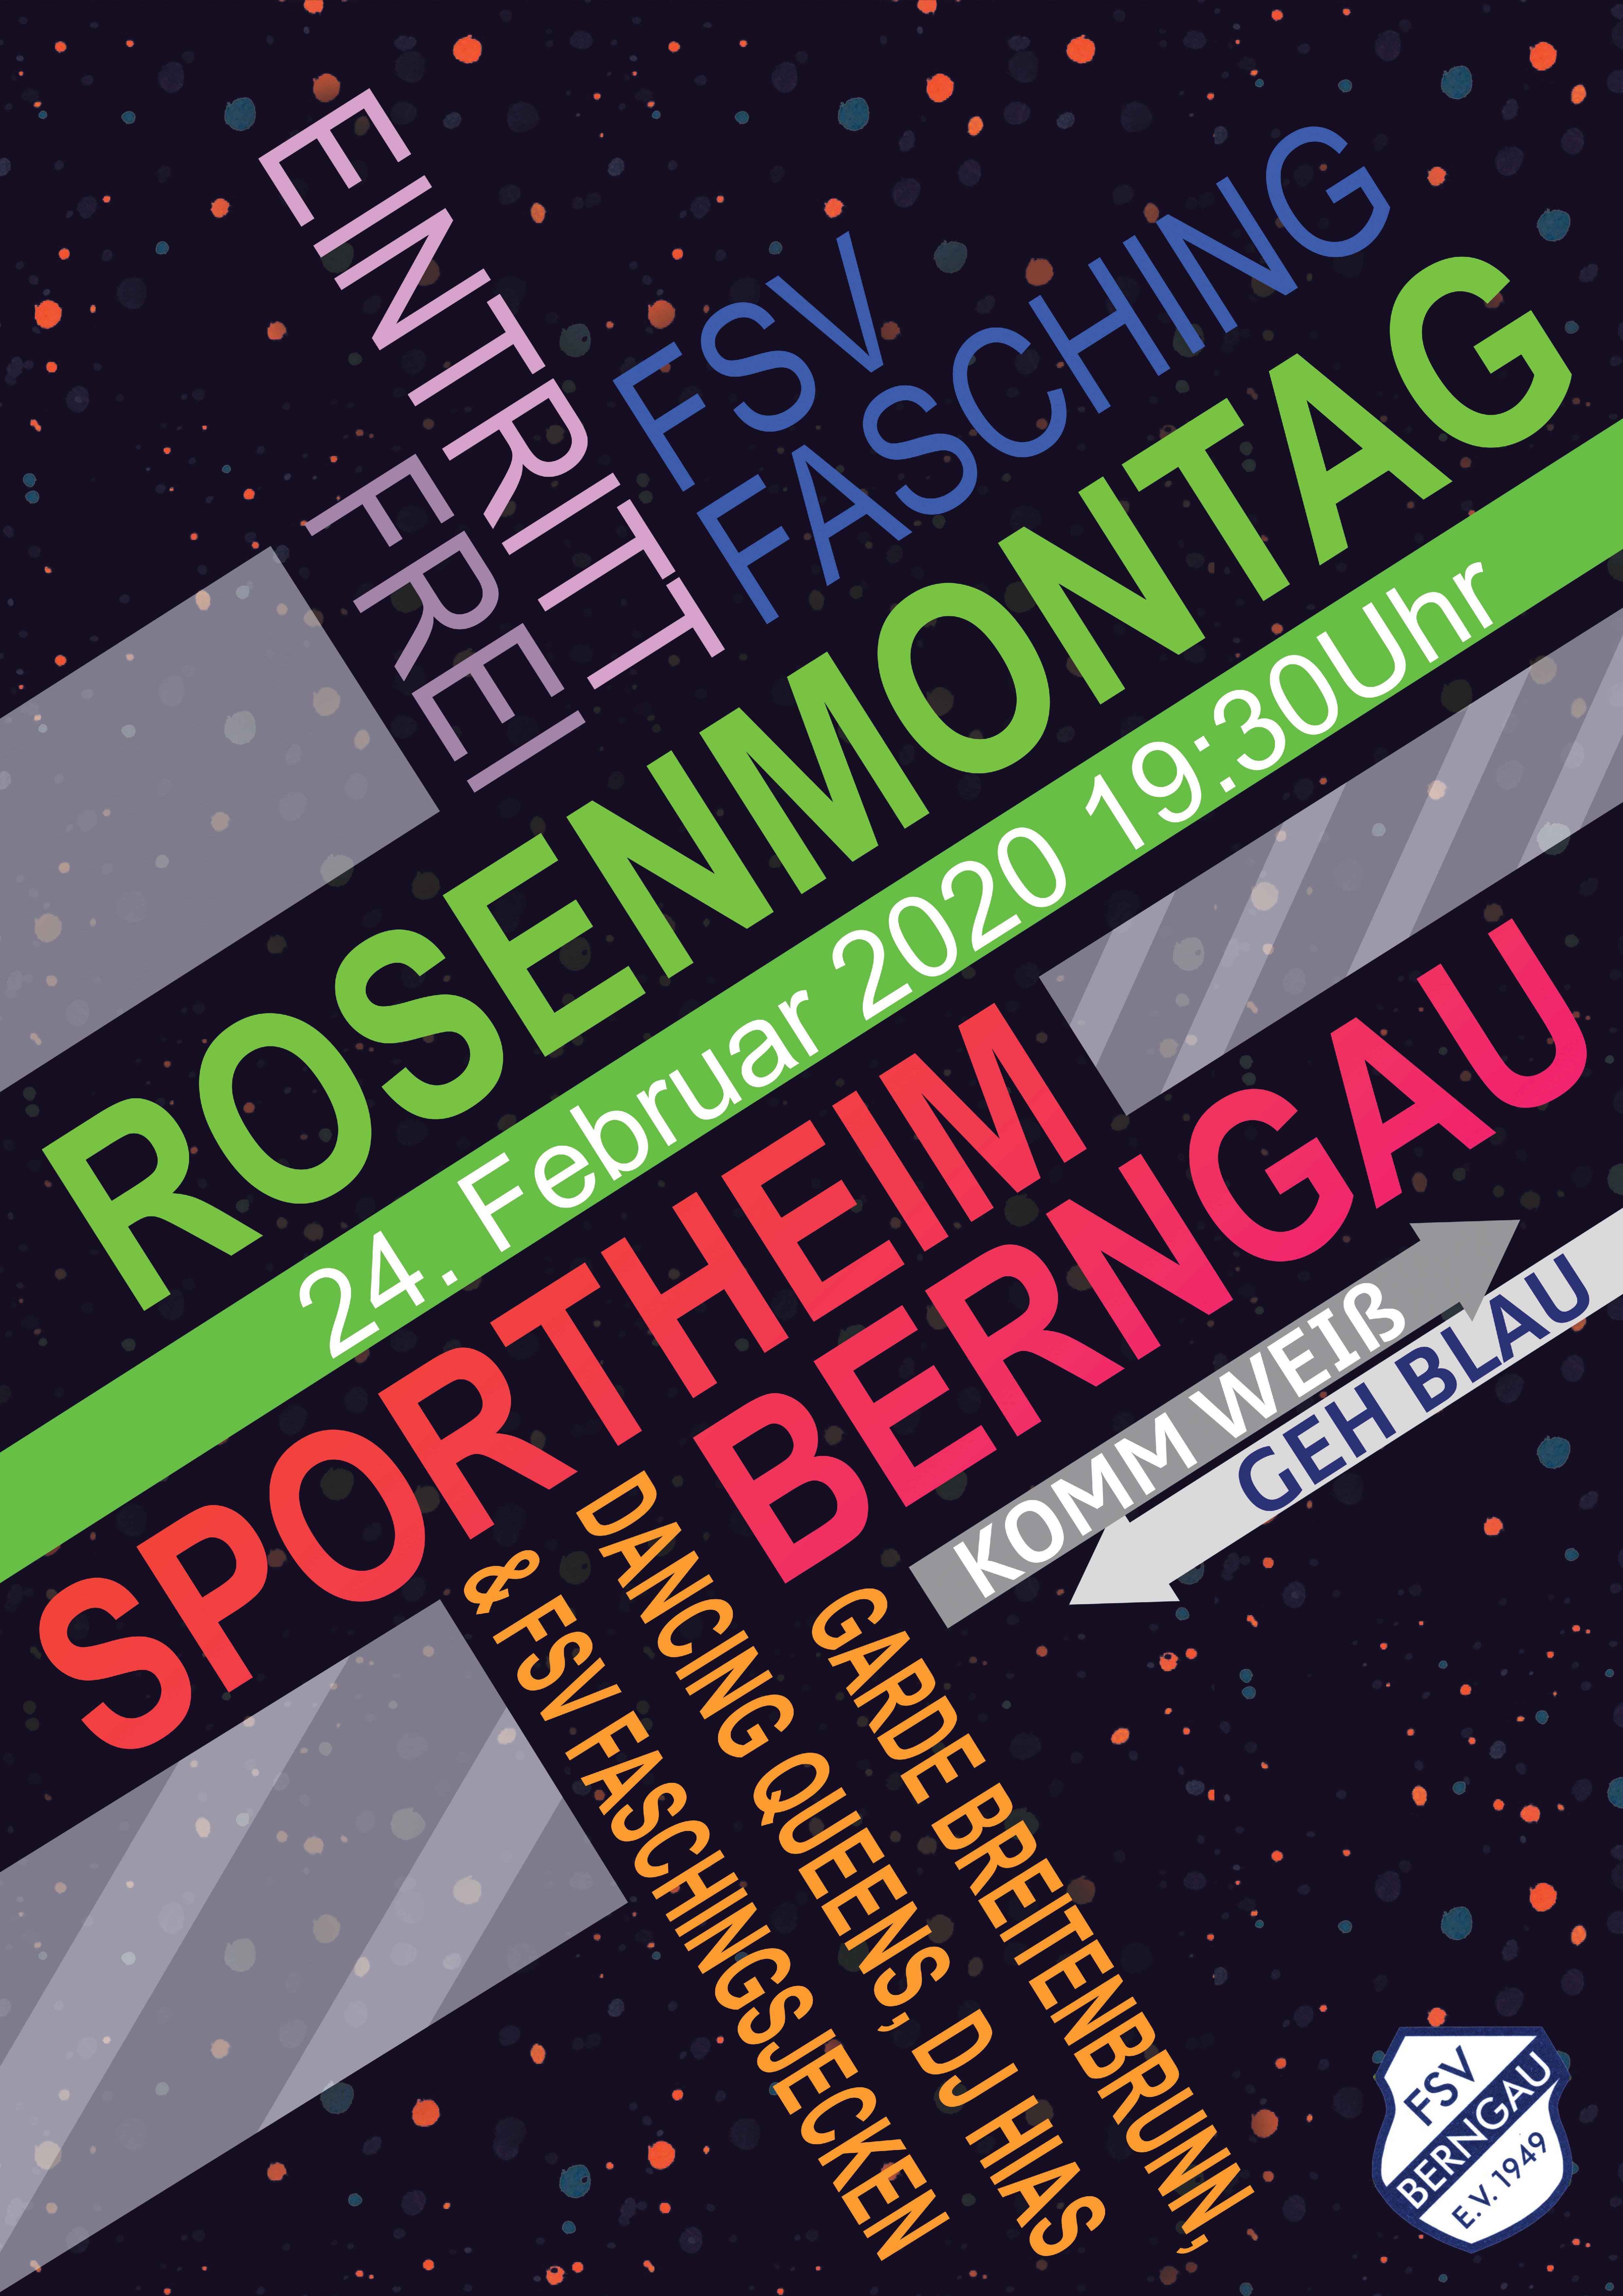 Rosenmontagsfasching FSV Berngau